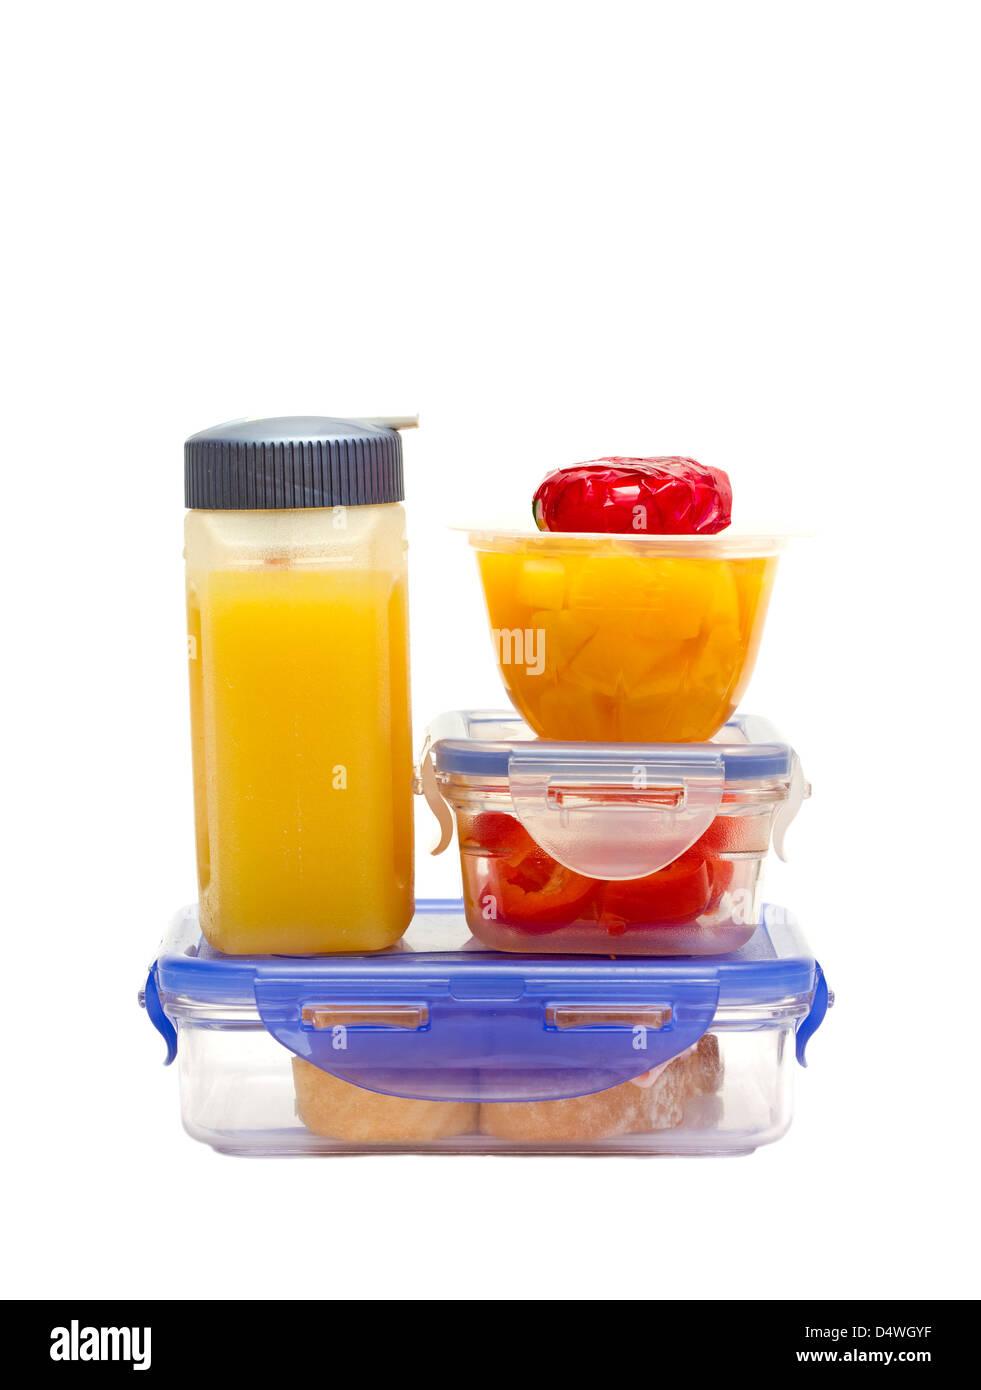 Lunch santé pour les enfants de l'école Photo Stock